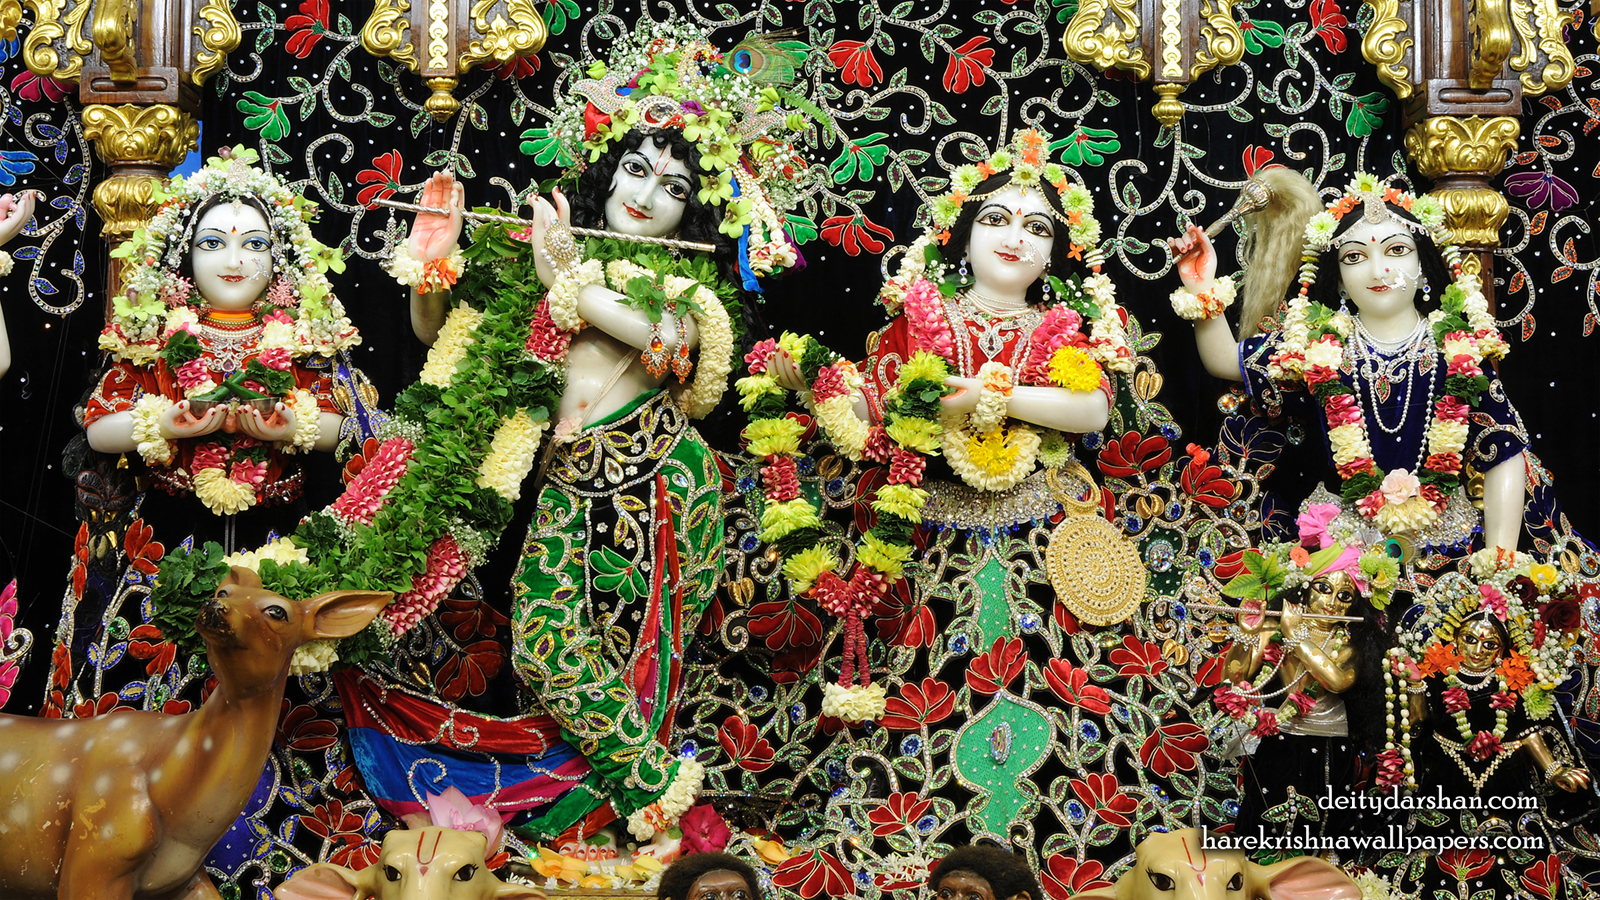 Sri Sri Radha Gopinath Lalita Vishakha Wallpaper (075) Size 1600x900 Download